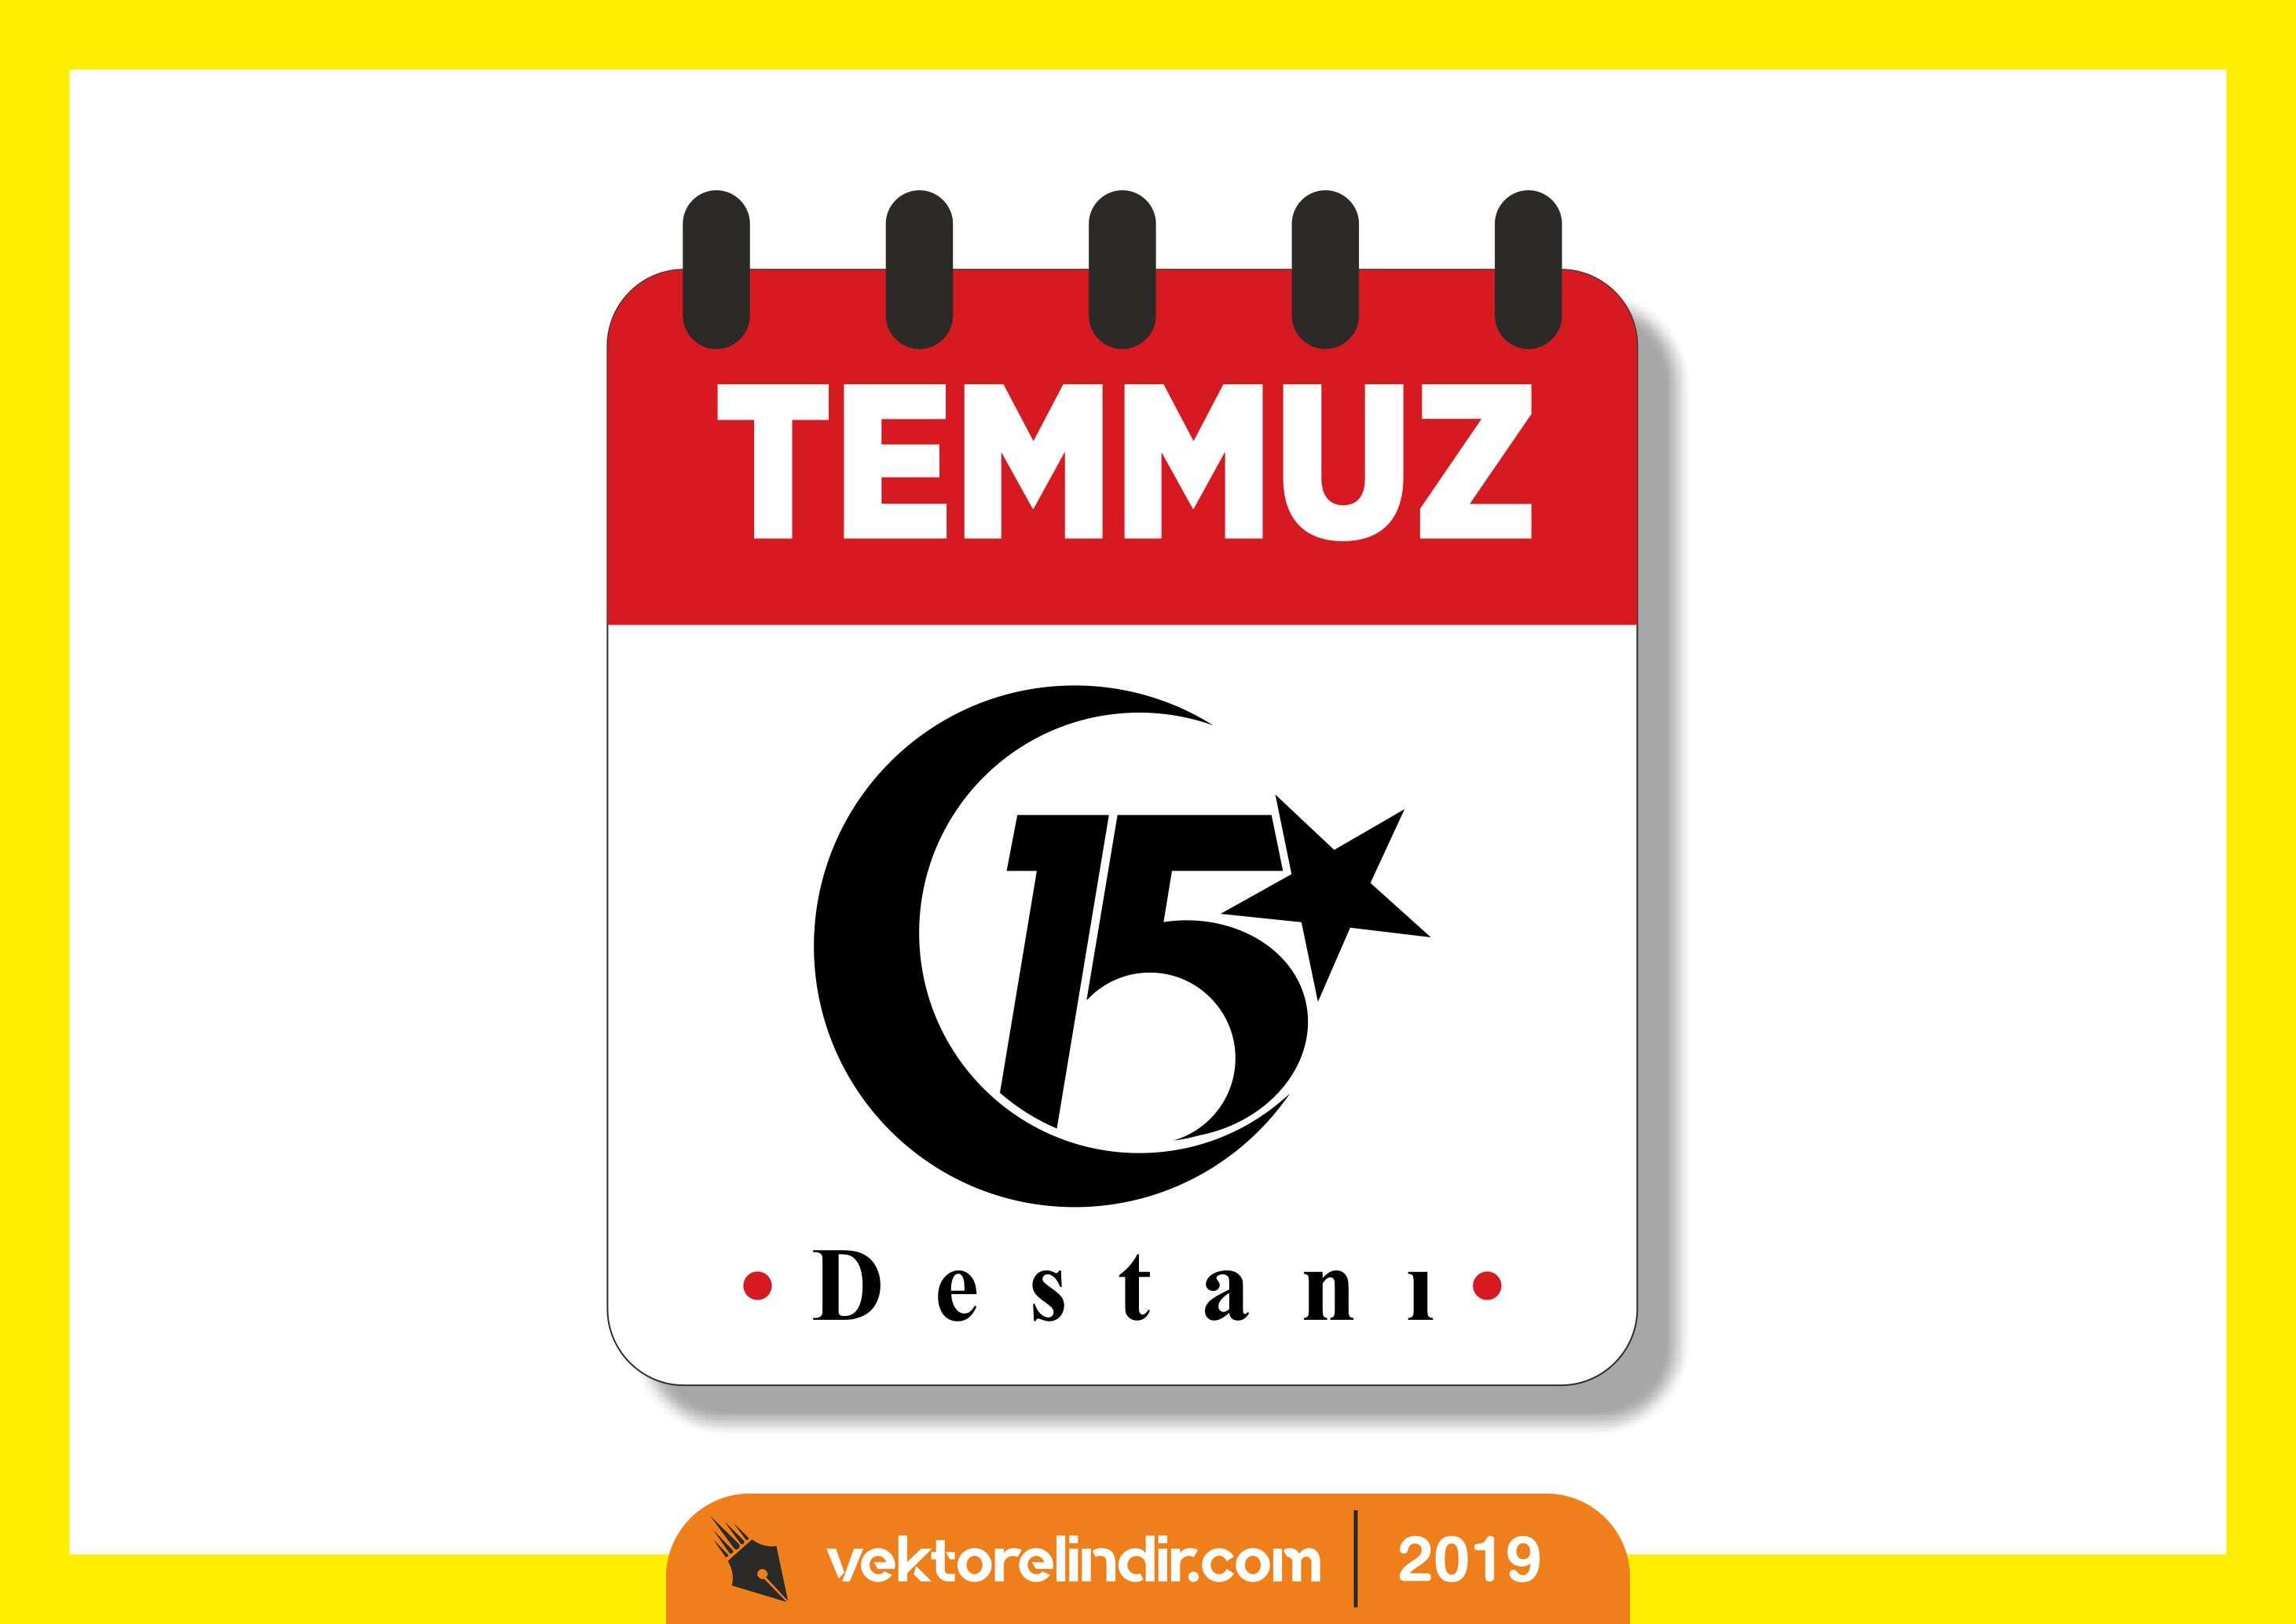 15 Temmuz Destanı Vektörel, Logo, Takvim